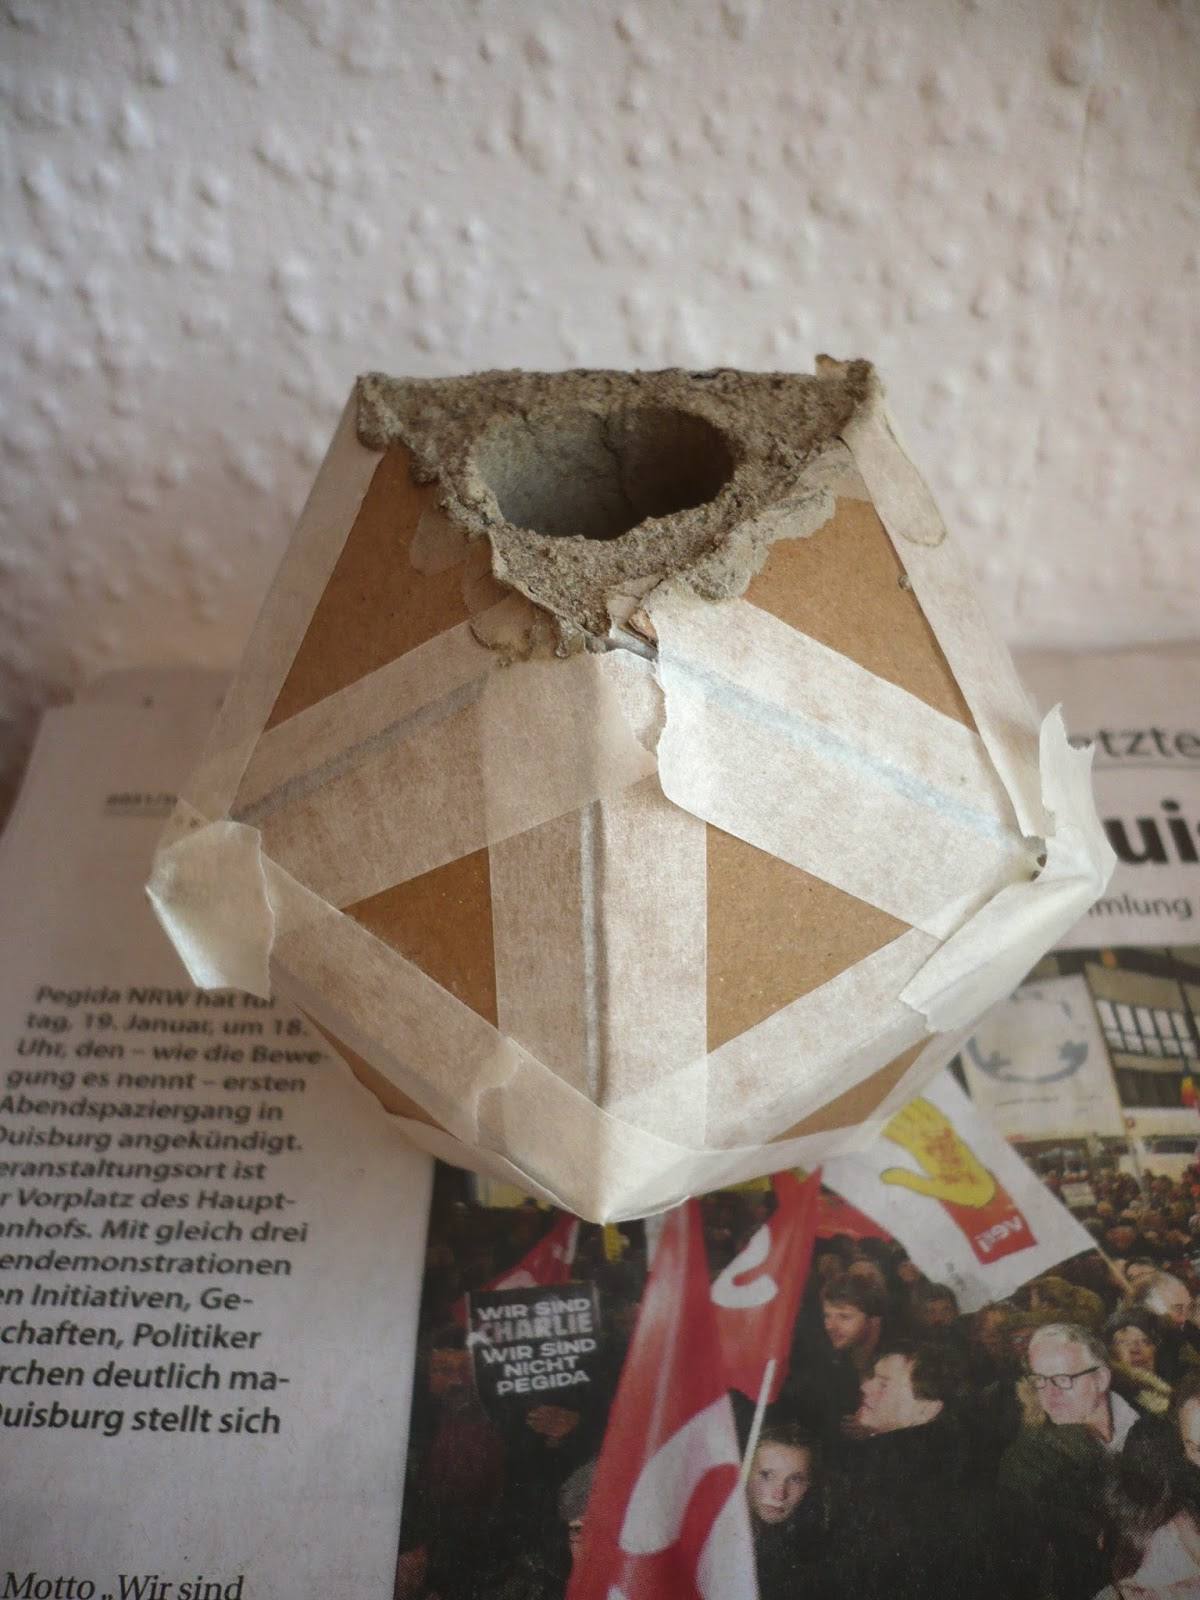 Formen Zum Beton Gießen beton formen schema